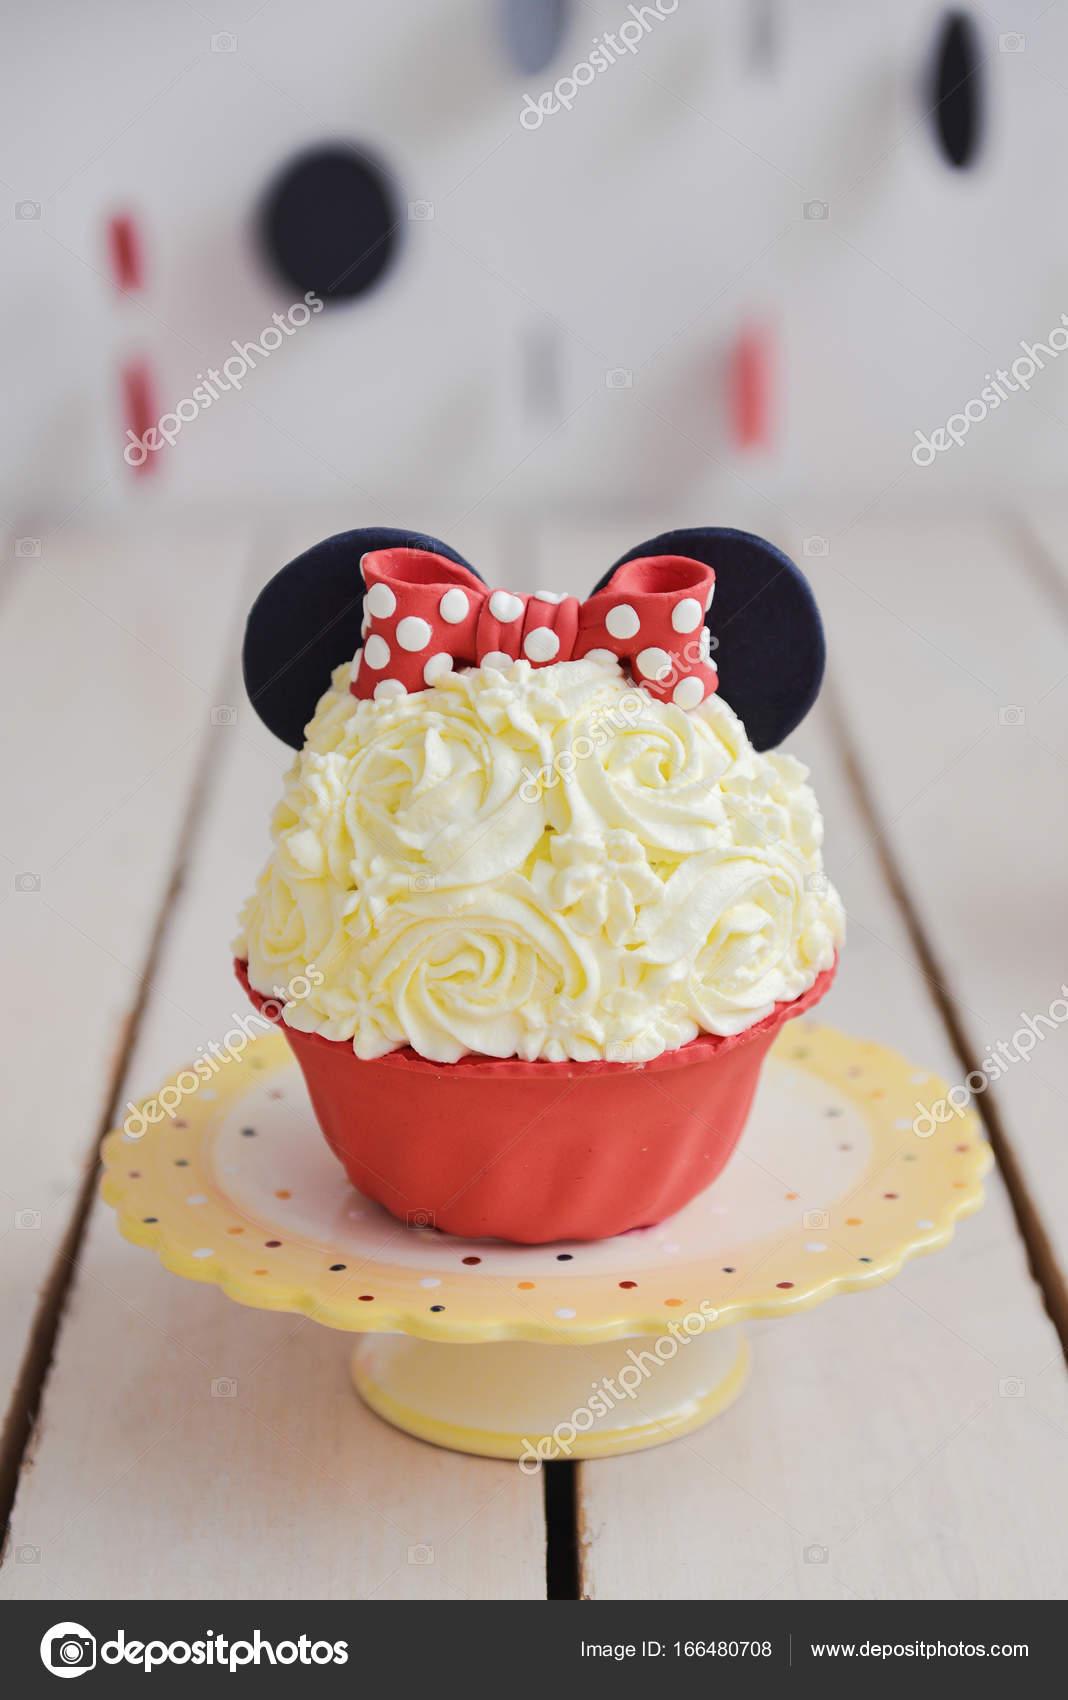 Imagenes Descarga De De Pastel De Mickey Mouse Romper El Pastel